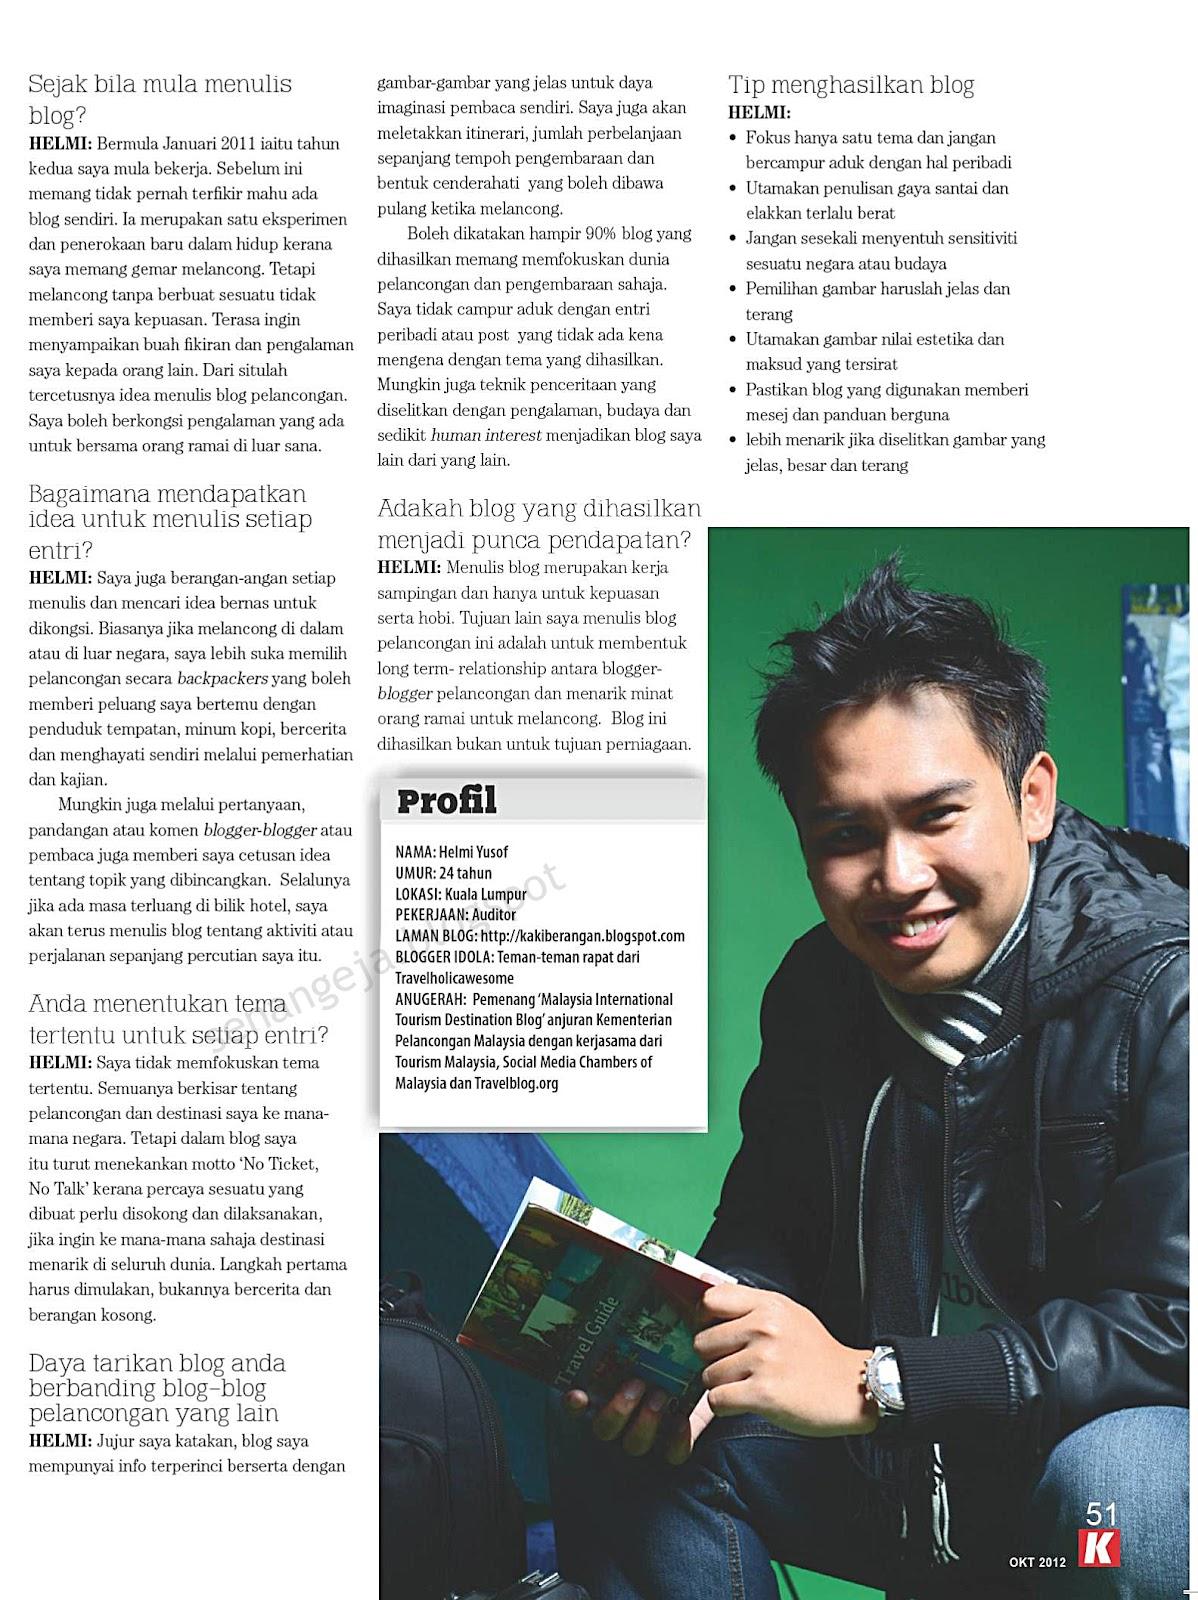 Rajin rajinlah merujuk pautan dan artikel terkini di sebelah kanan blog senangeja ini untuk mengikuti perkembangan blogger blogger lain